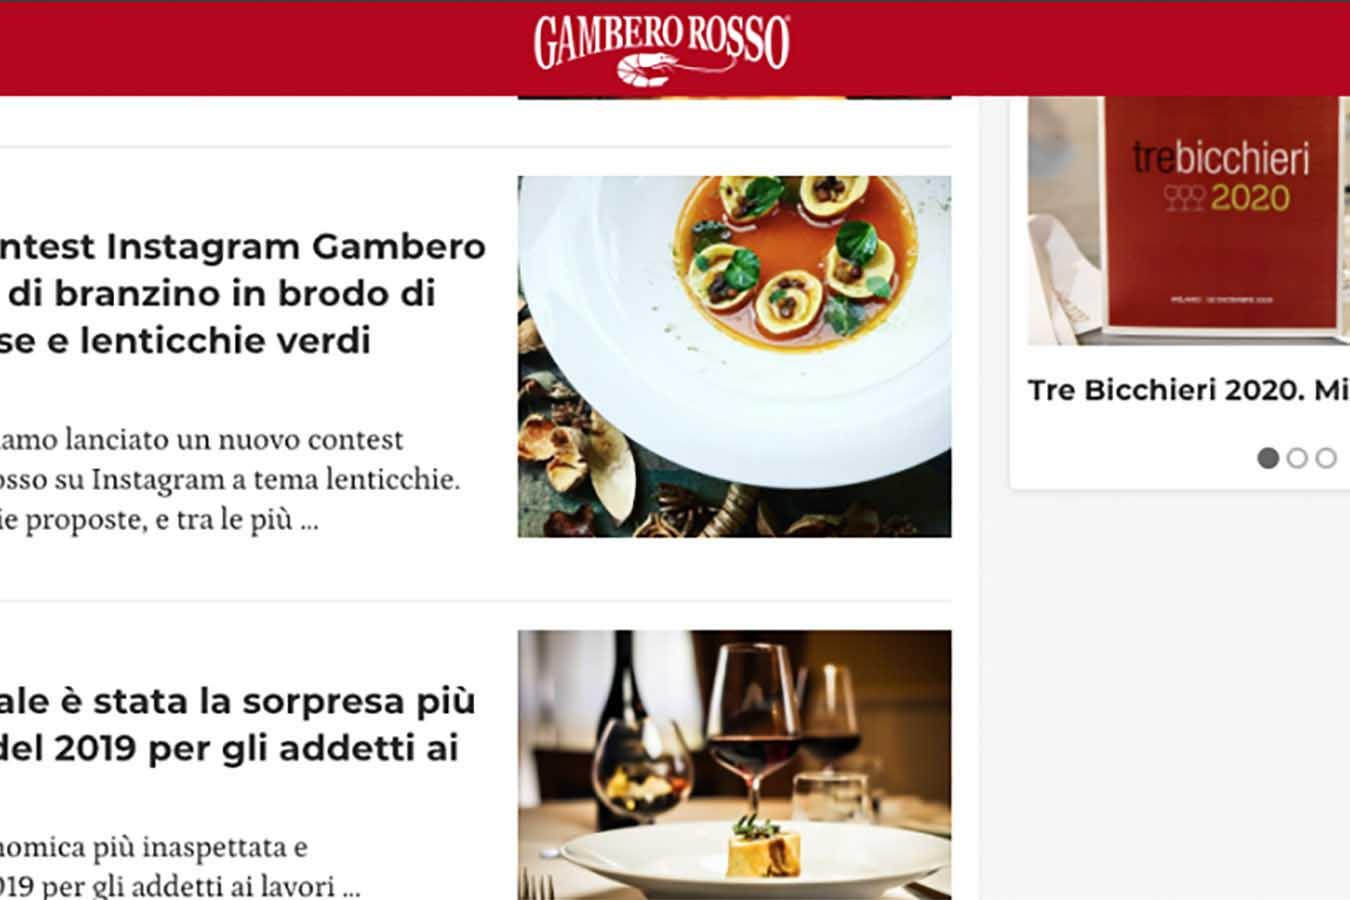 La nostra ricetta ha vinto il contest Instagram Gambero Rosso.